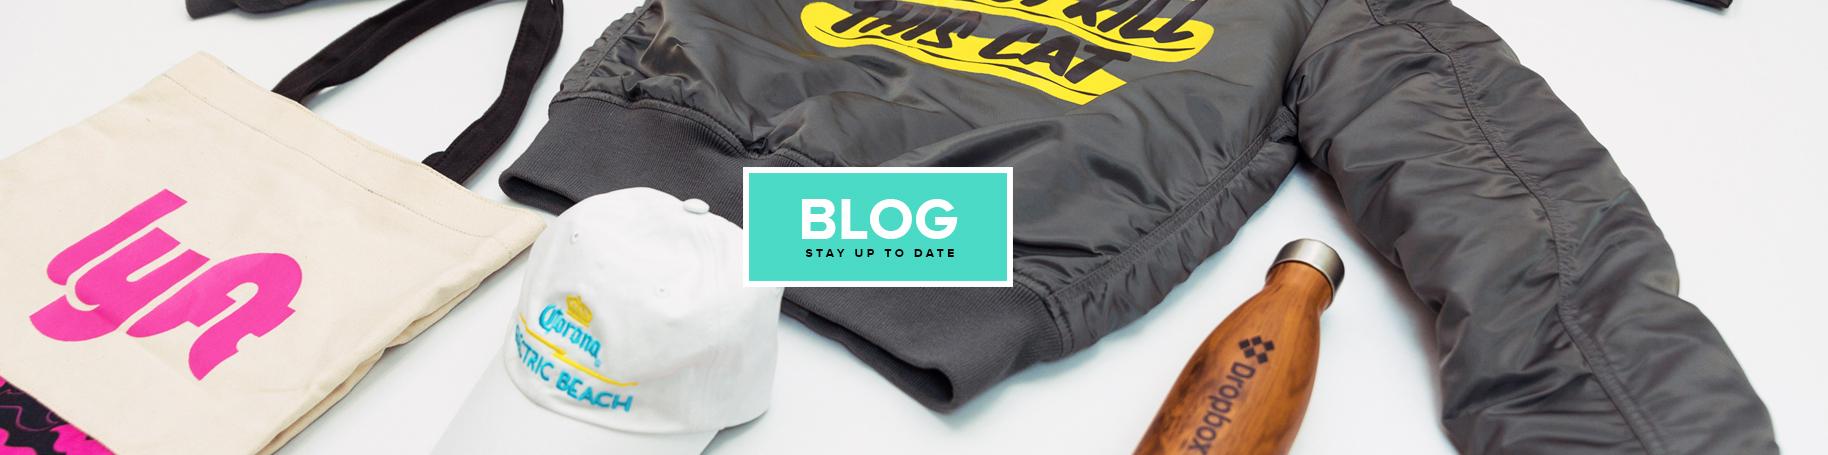 blogheaderwide.jpg